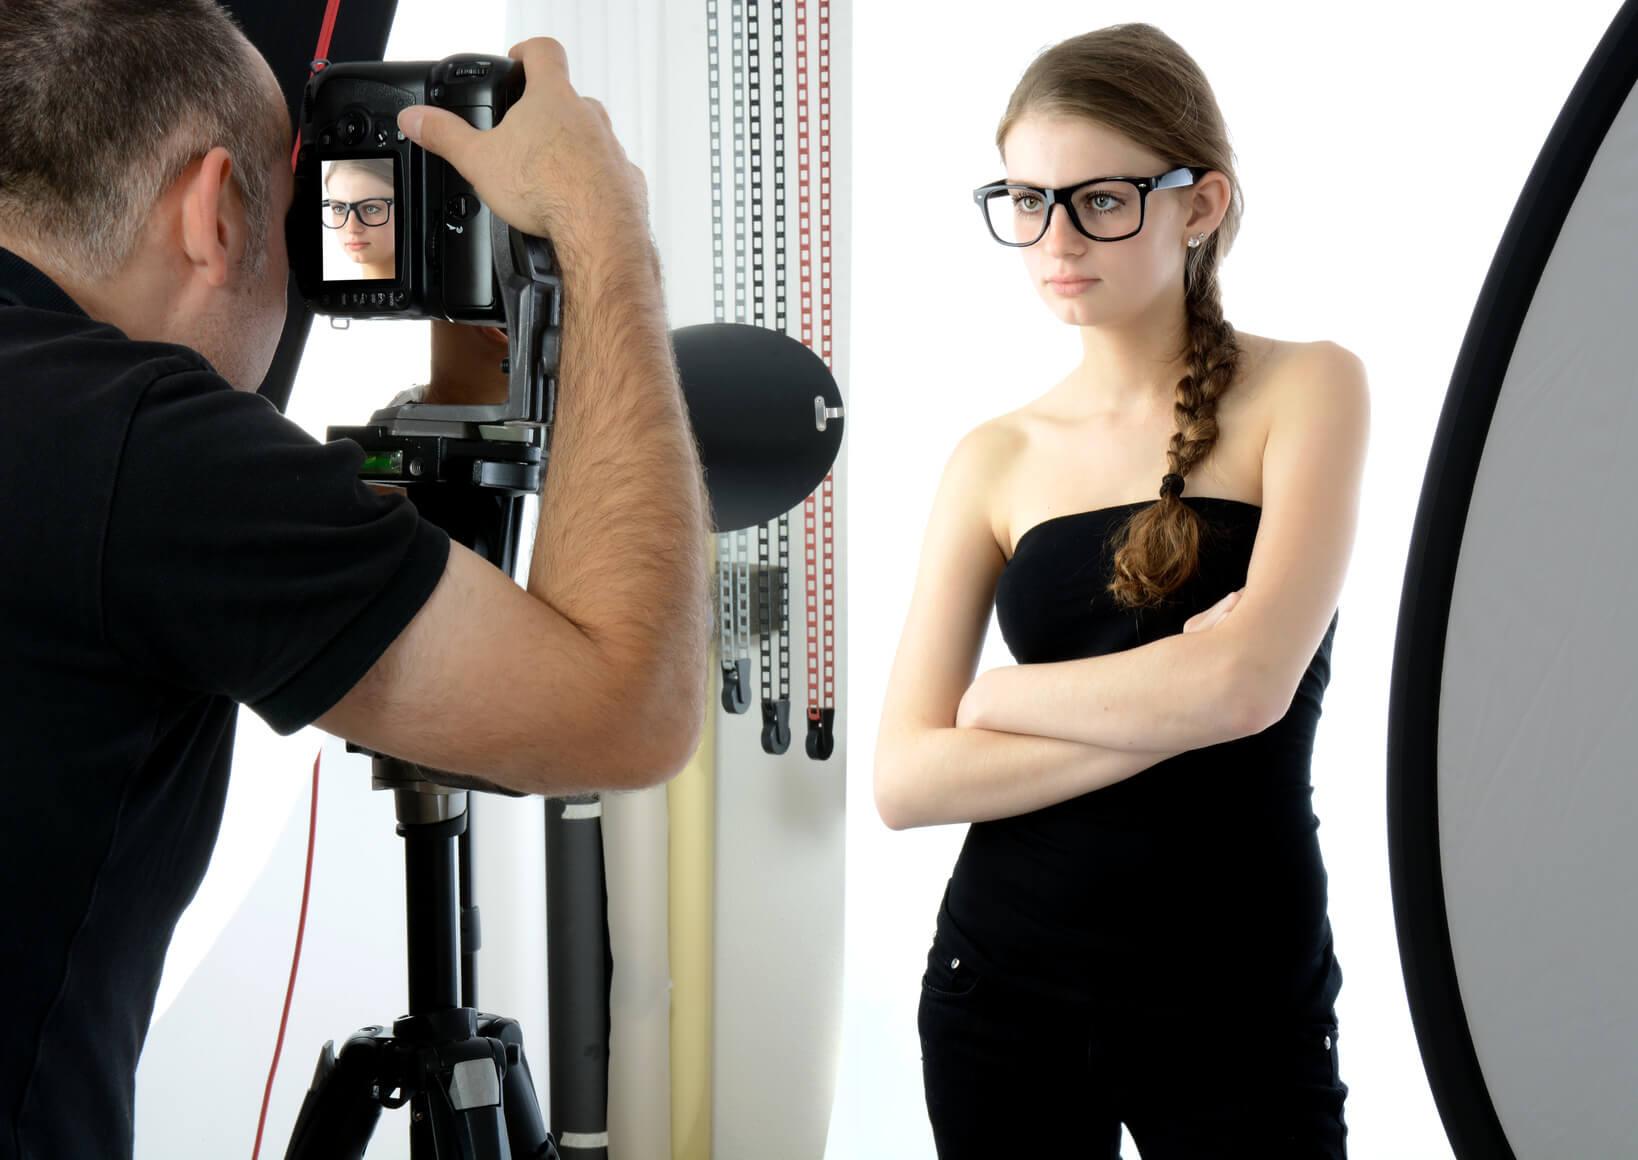 Welche Rolle hat der Fotograf beim Bewerbungsfoto?